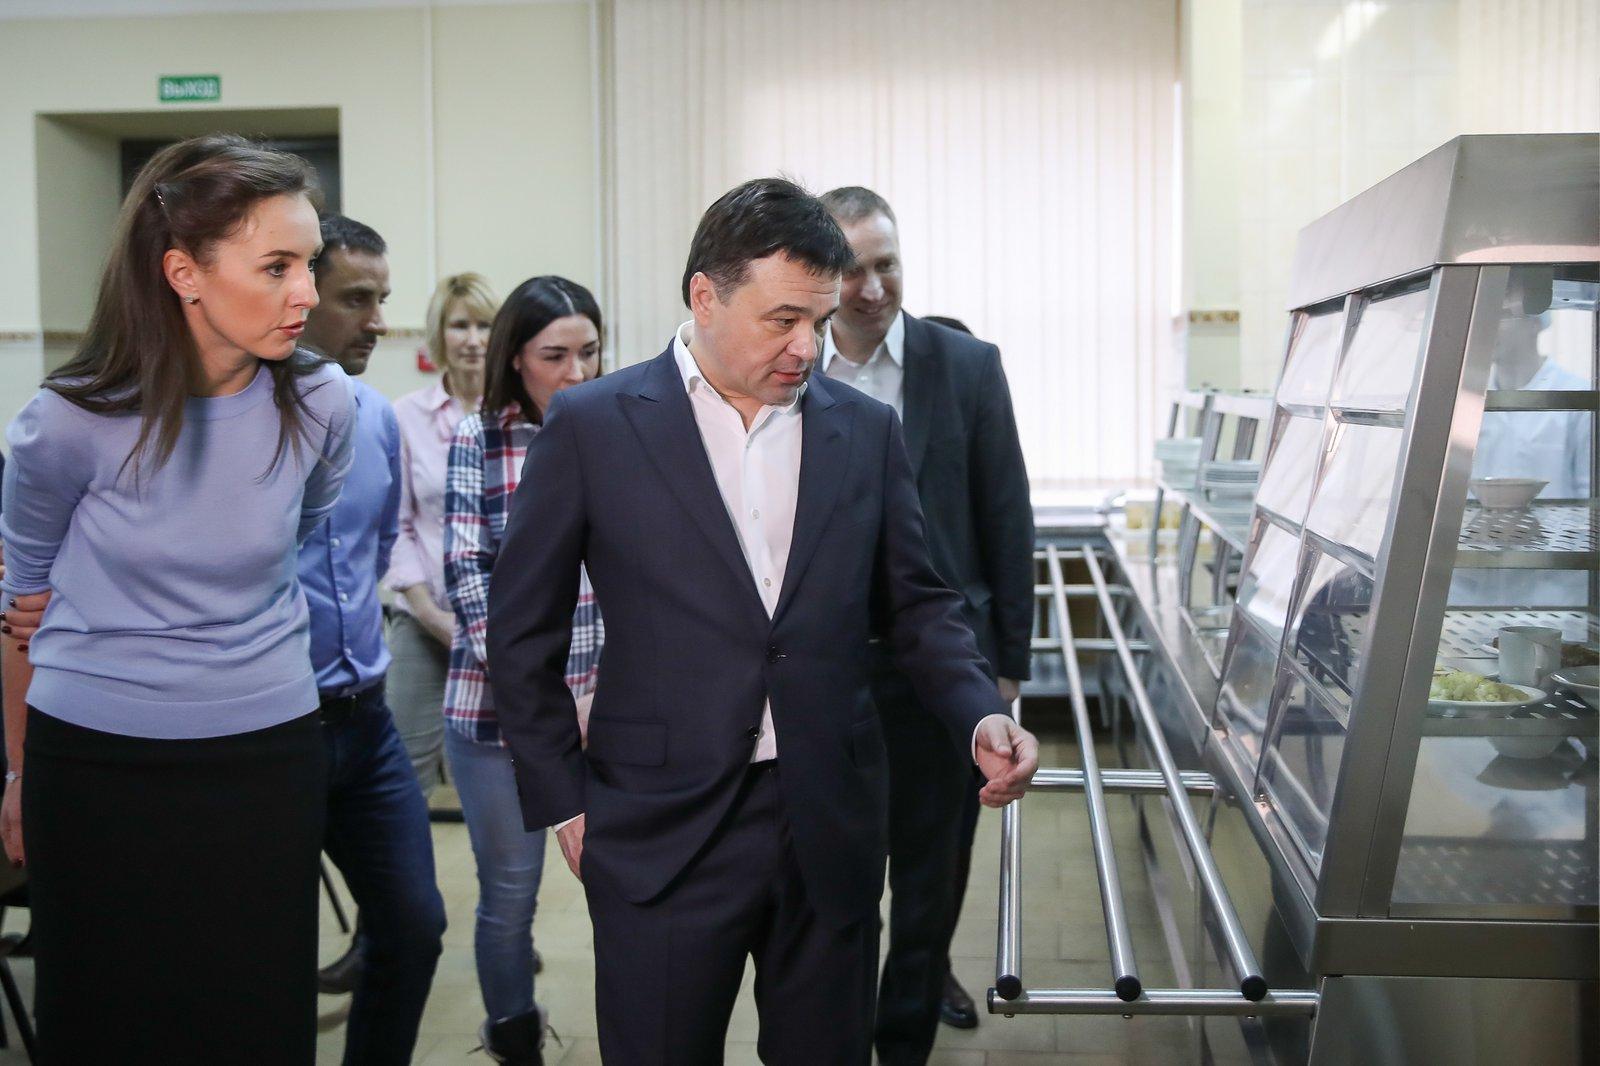 Андрей Воробьев губернатор московской области - Нет — второй смене, да — горячему питанию. Как в Подмосковье развивается система образования